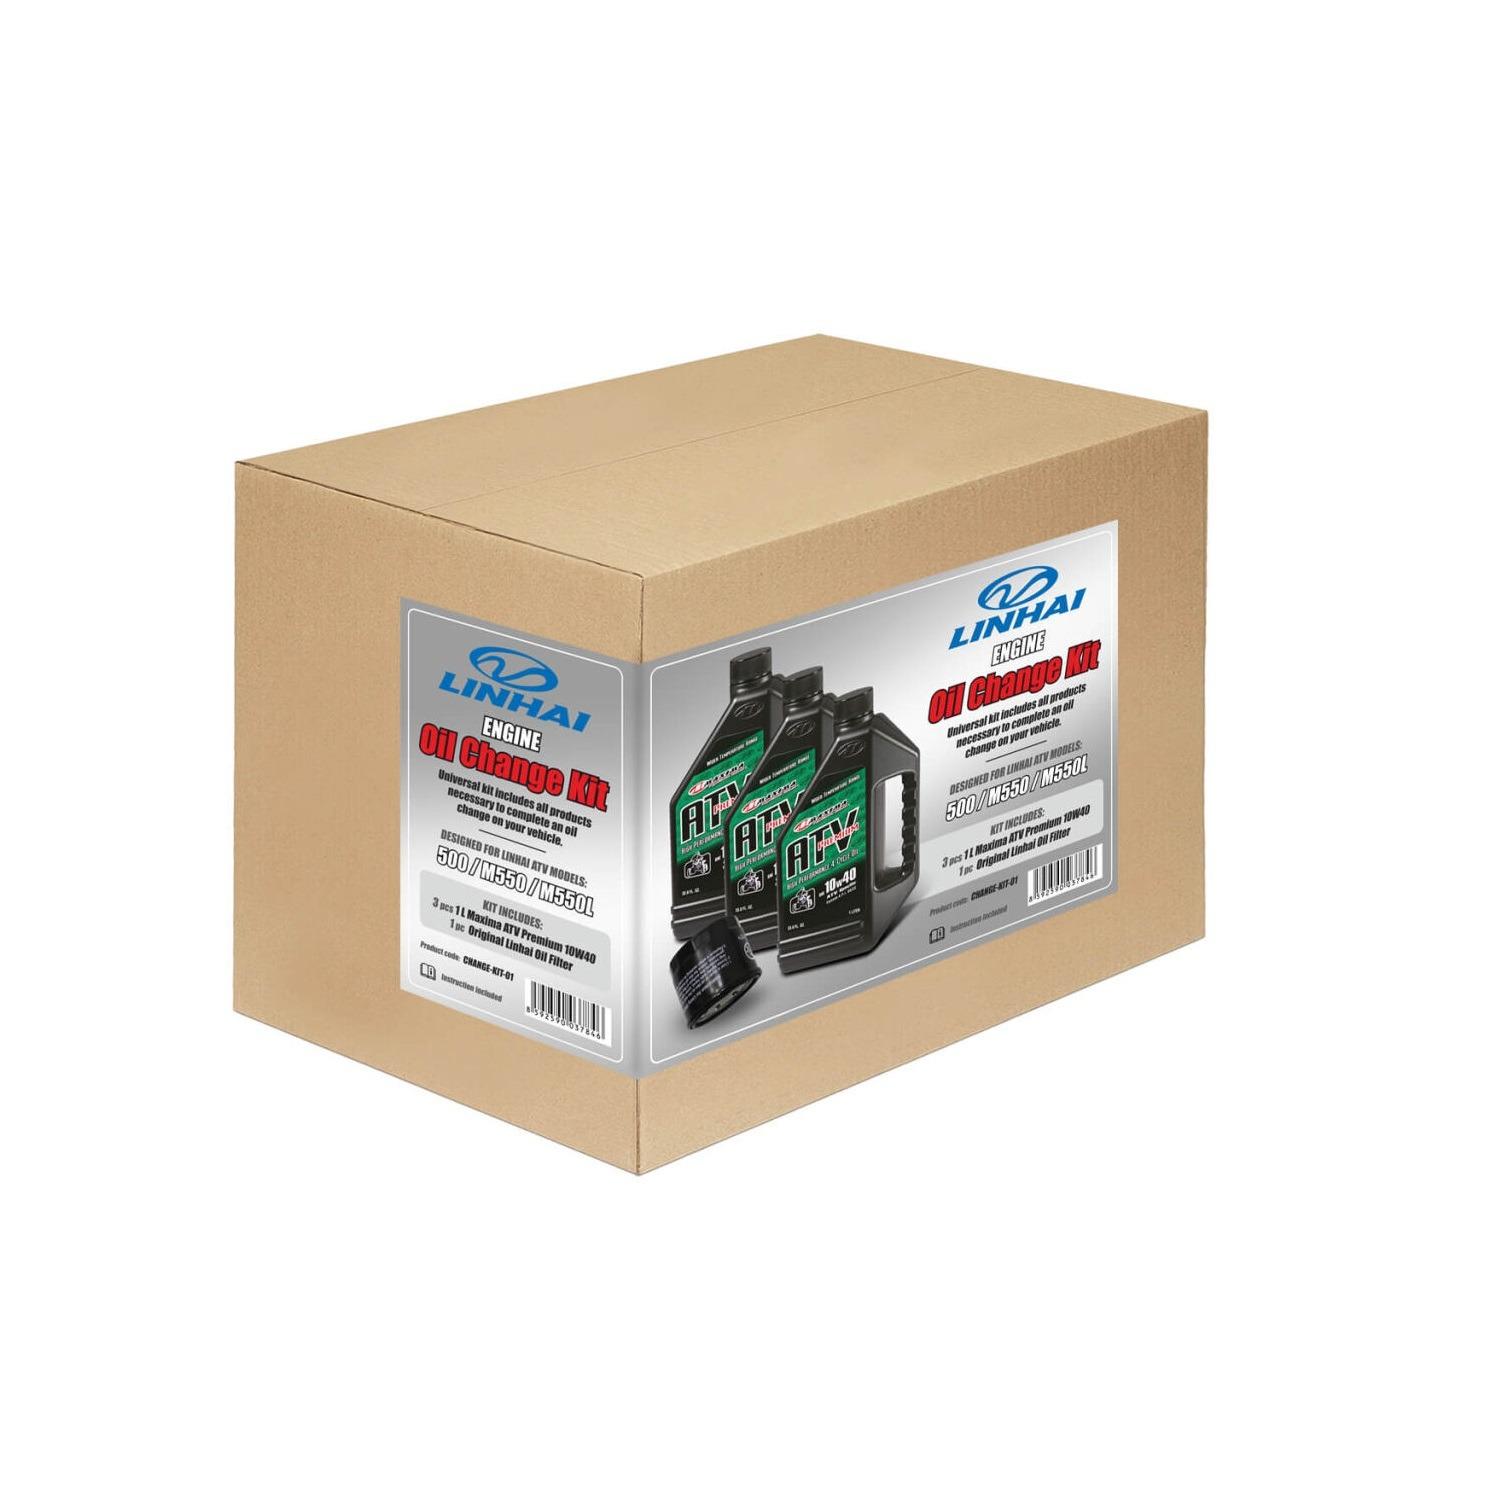 oil-changer-kit-01-box-img